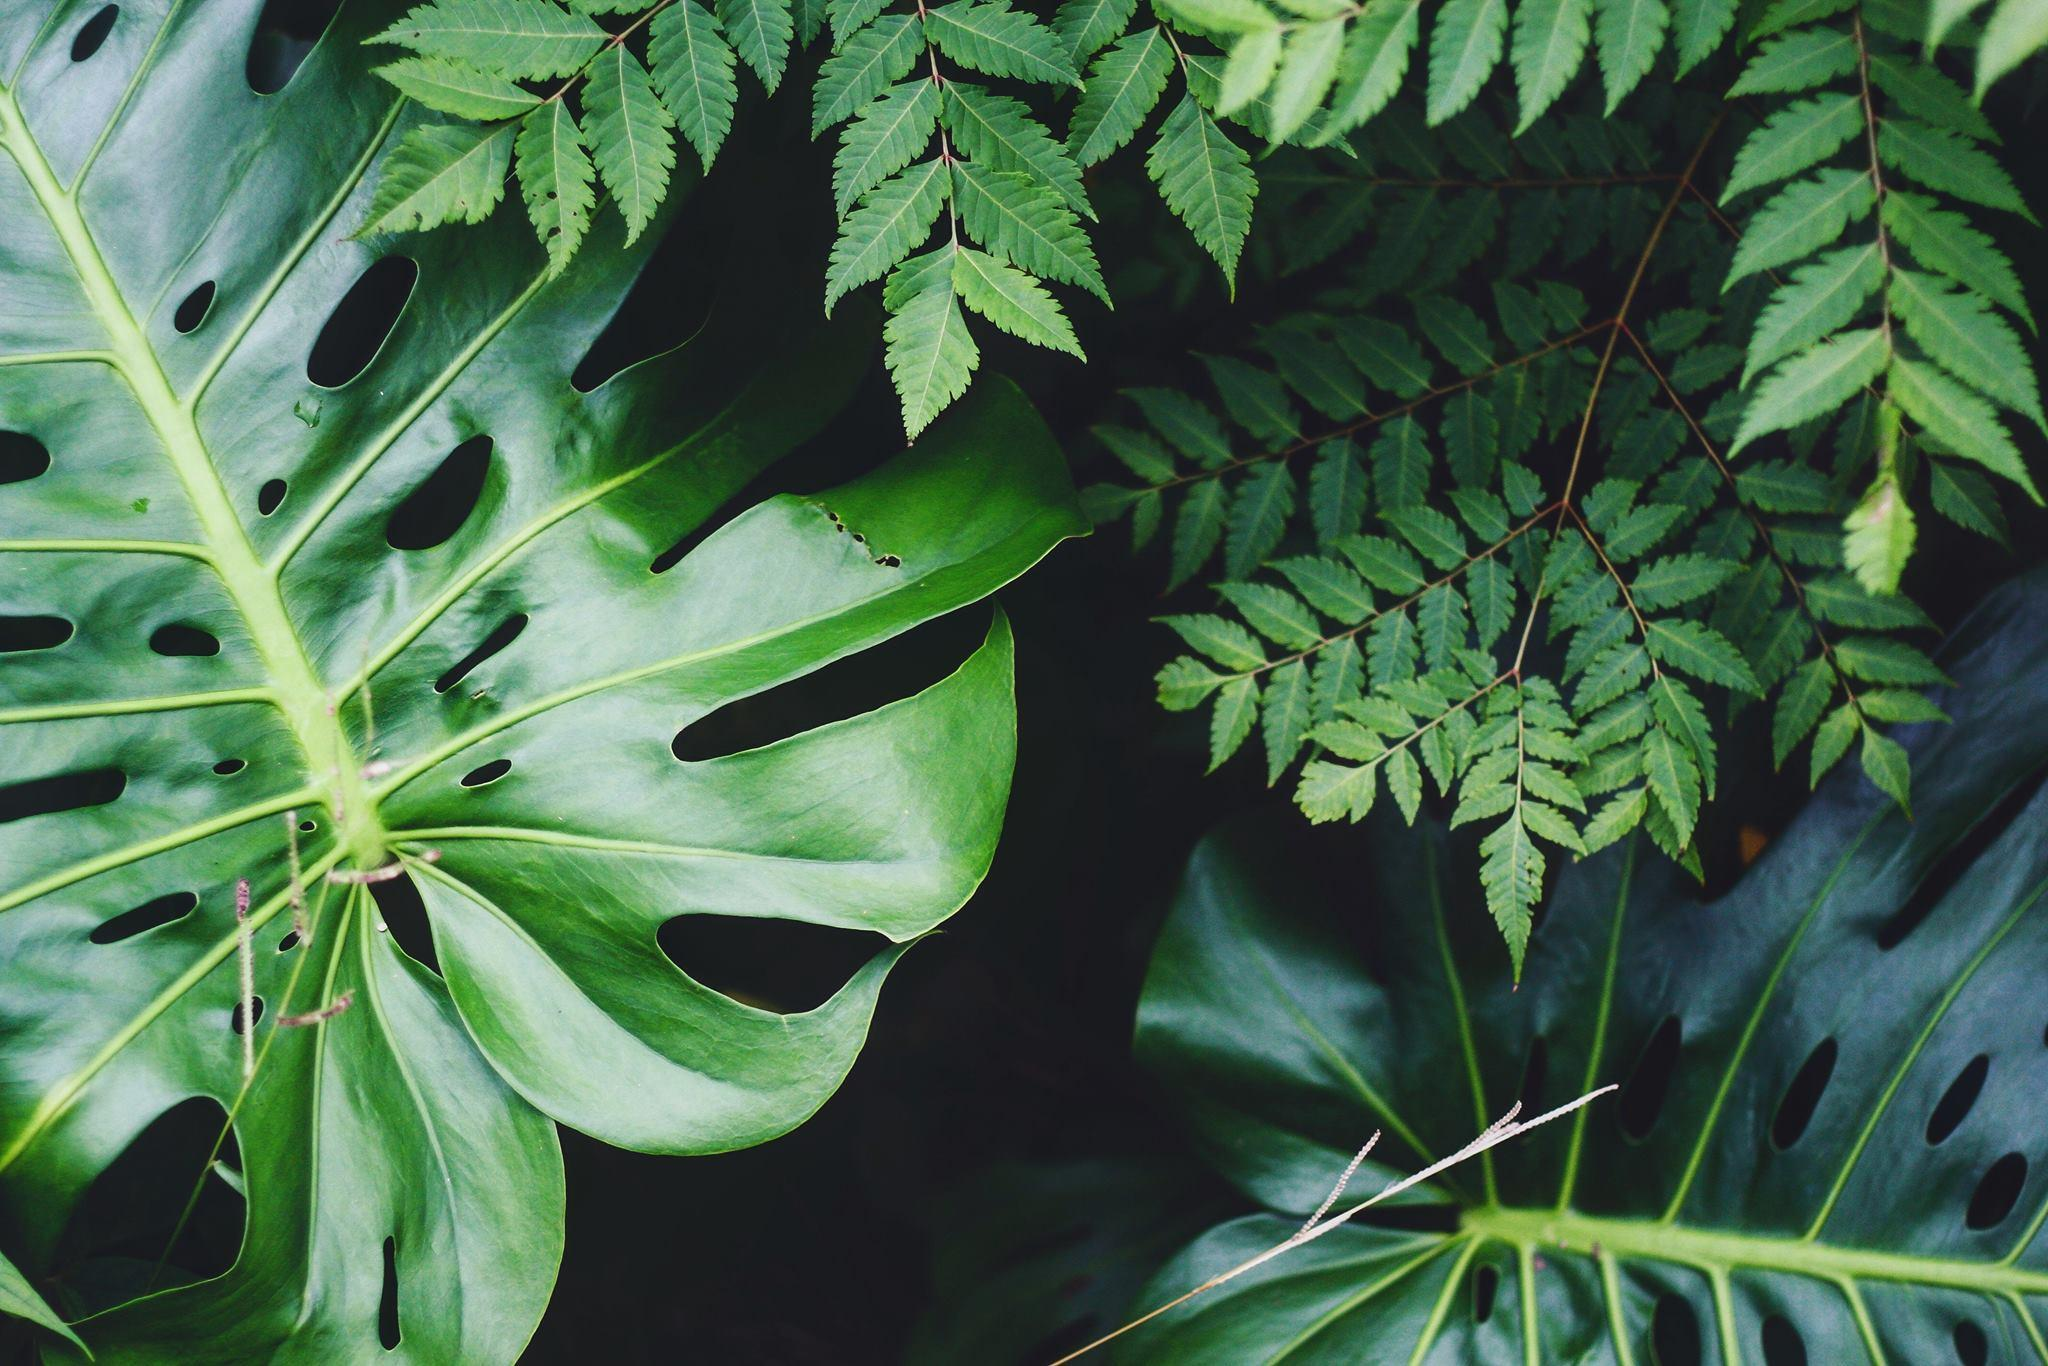 PUP - Plezante en Uitzonderlijke Planten